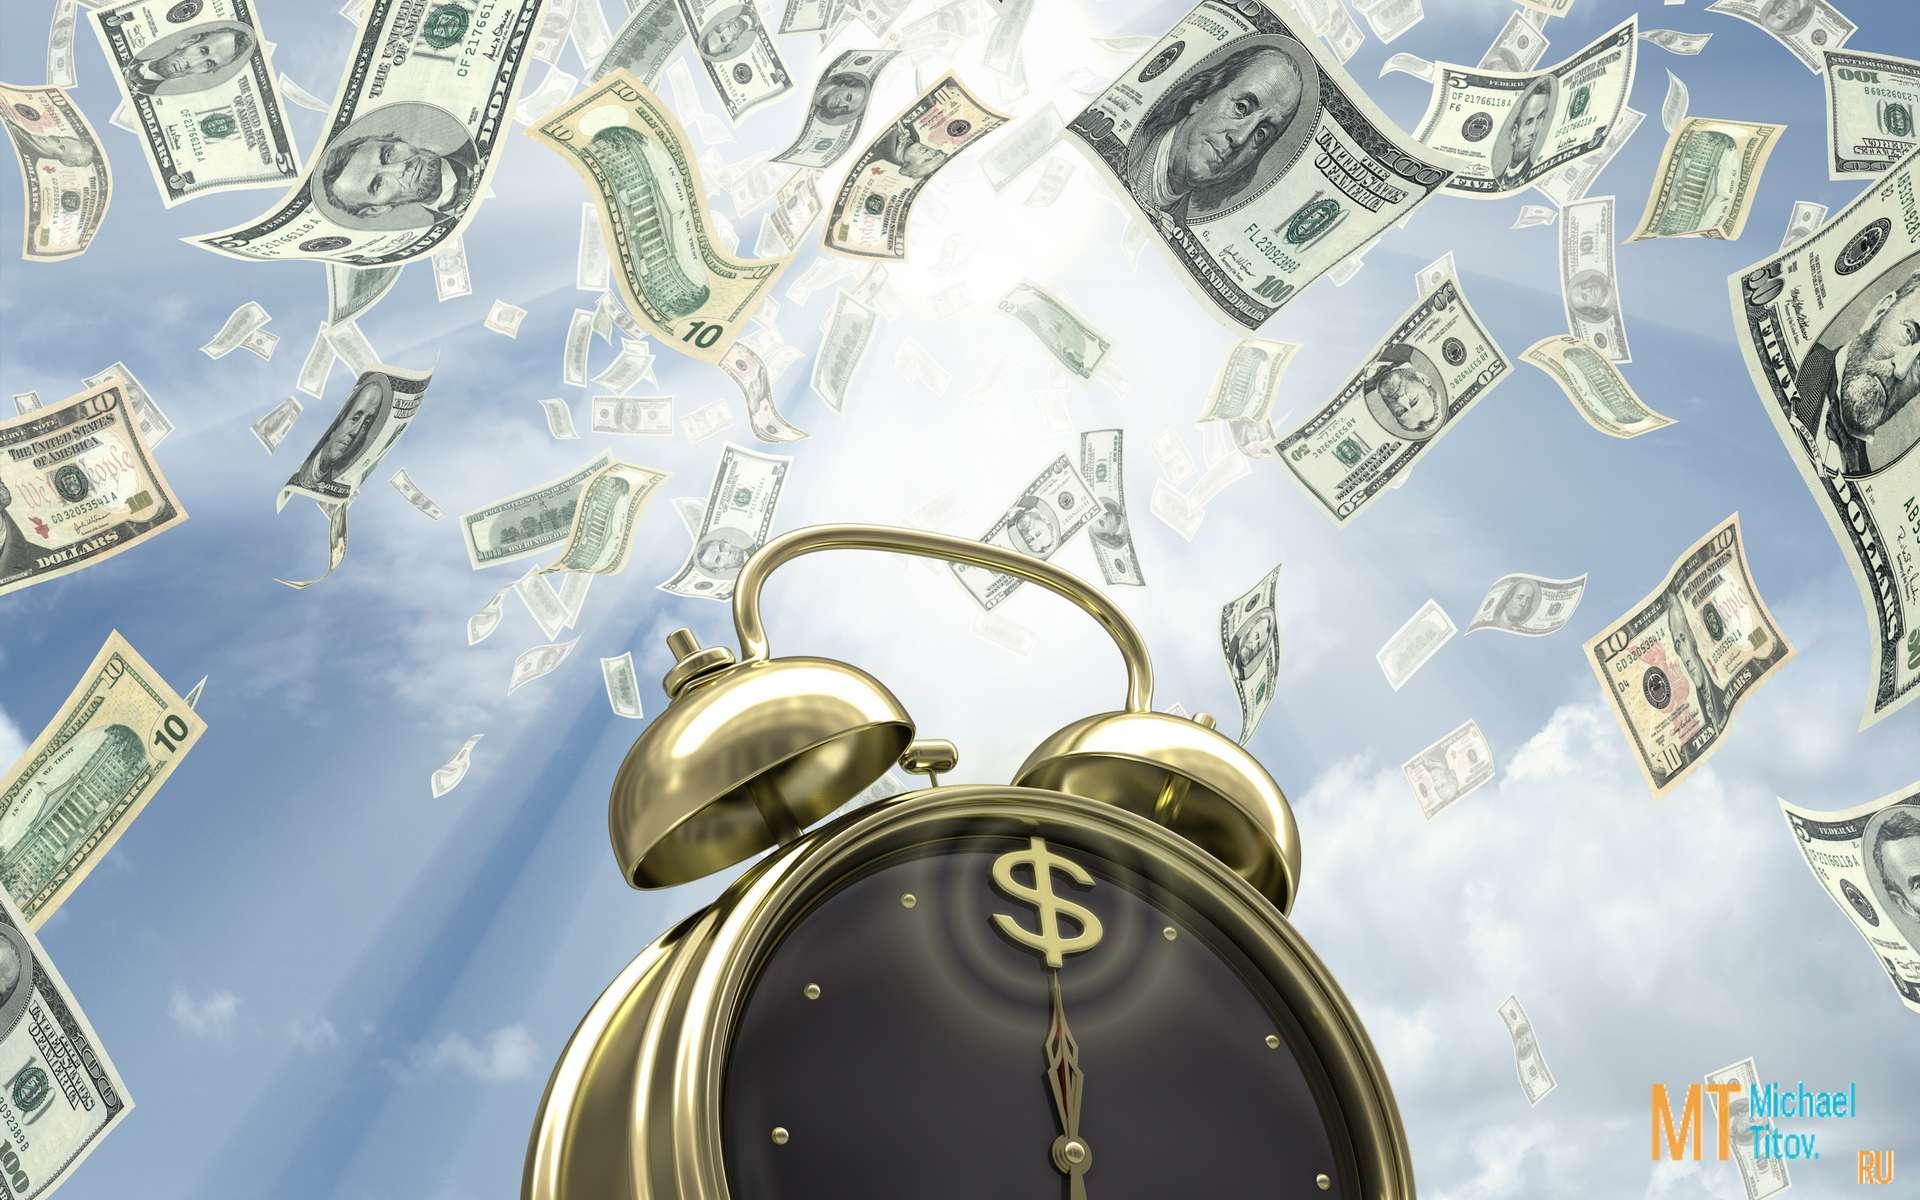 Как монетизировать свой трафик, чтобы получить от него максимальную отдачу